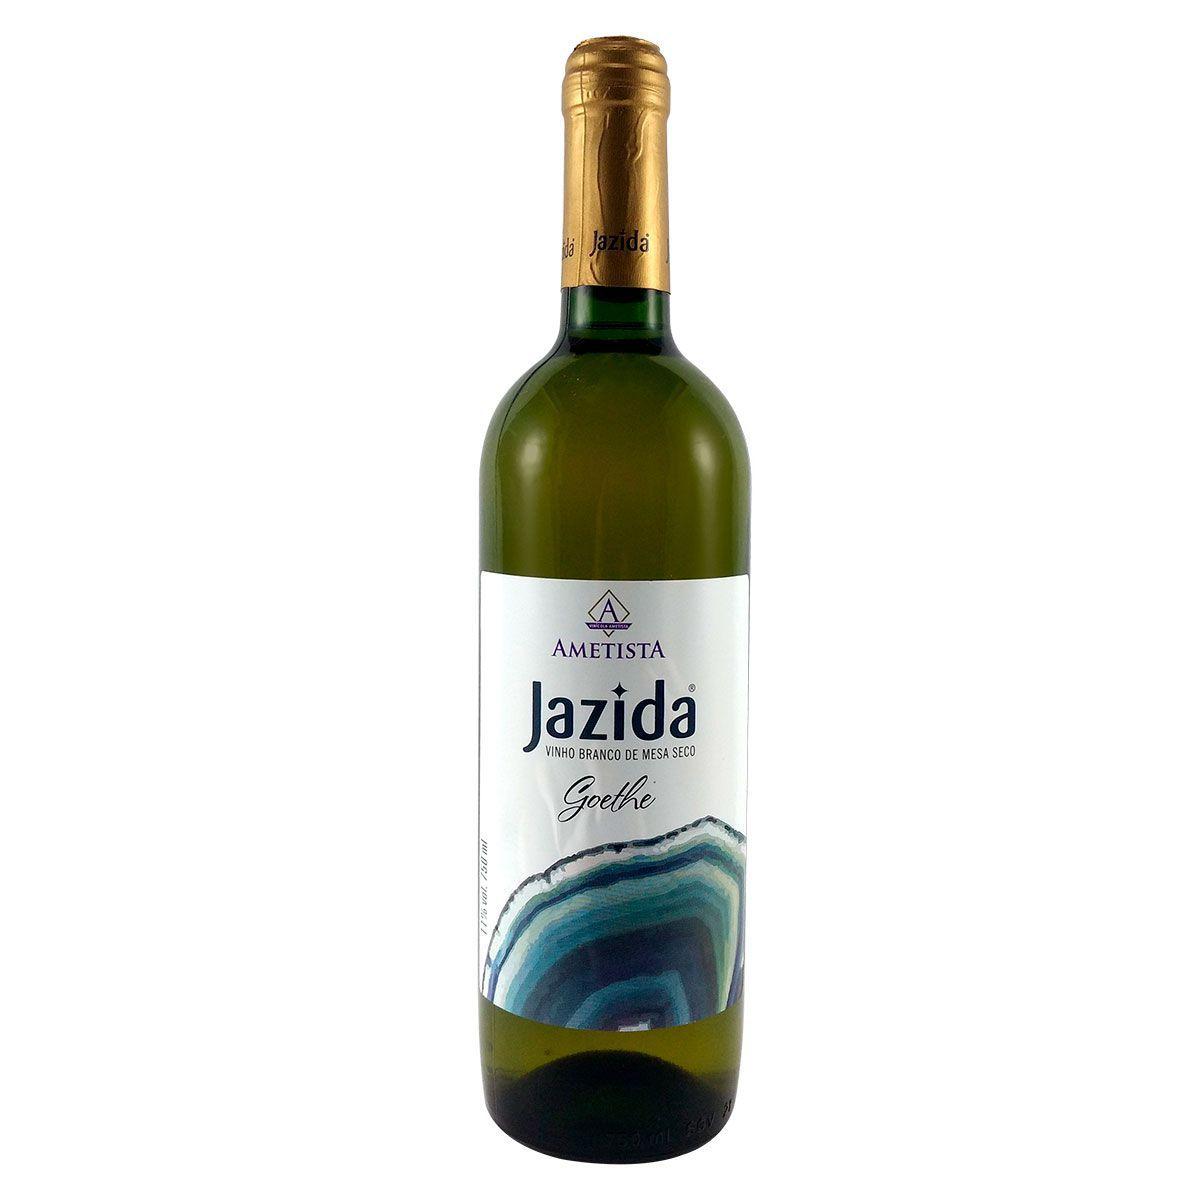 Vinho Branco de Mesa Seco Jazida Goethe 750ml